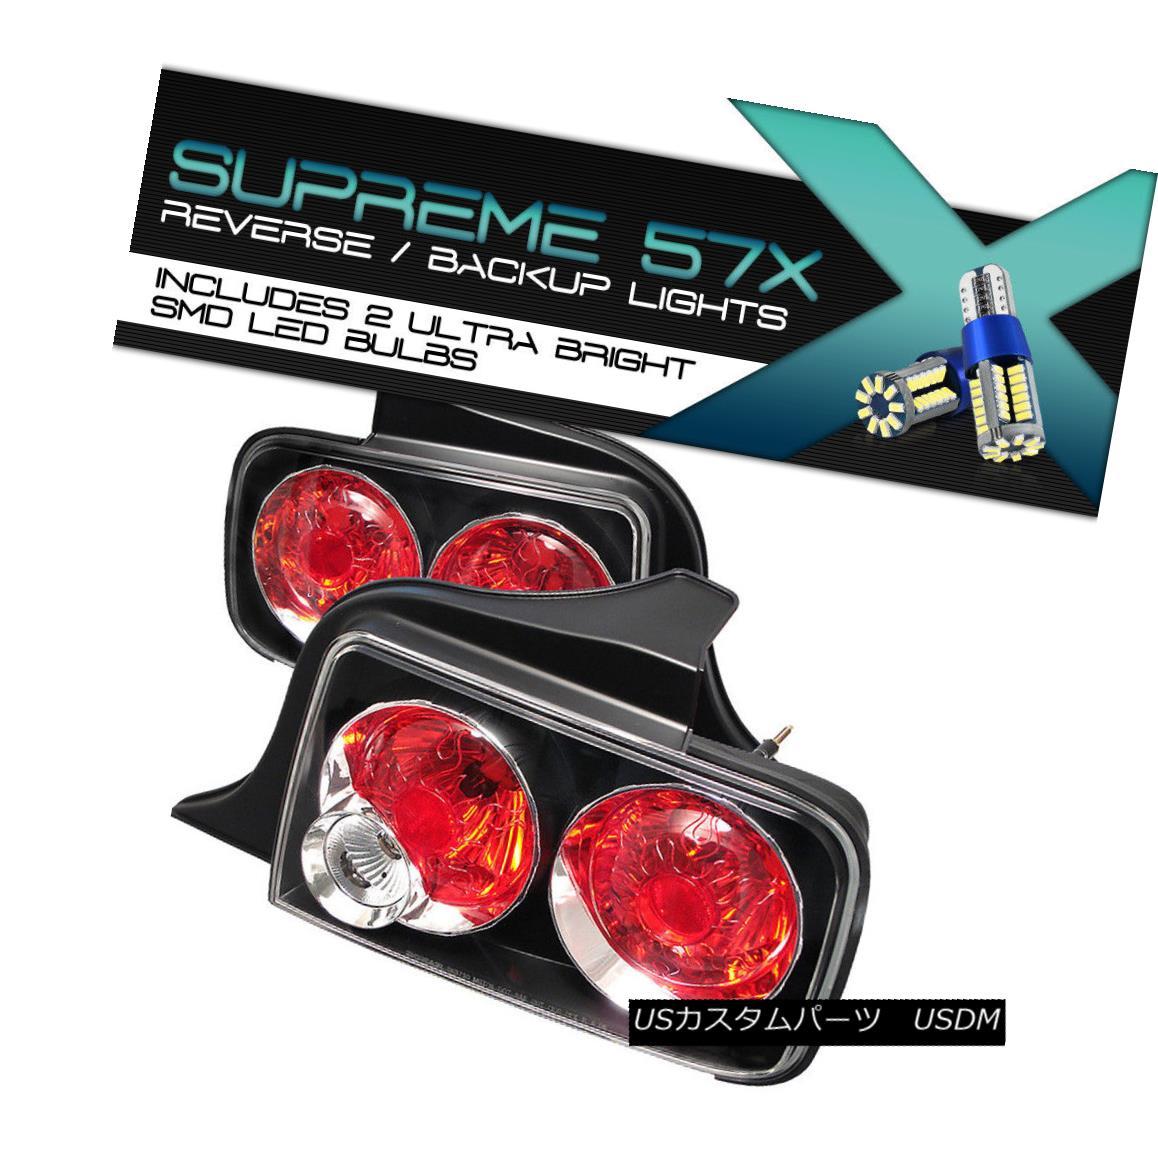 テールライト [360 Degree SMD Degree Backup] [360 05-2009 Ford Mustang GT V8 V8 Euro Black Tail Lights Brake [360度SMDバックアップ] 05-2009フォードマスタングGT V8ユーロブラックテールライトブレーキ, フクオト:91c50126 --- officewill.xsrv.jp